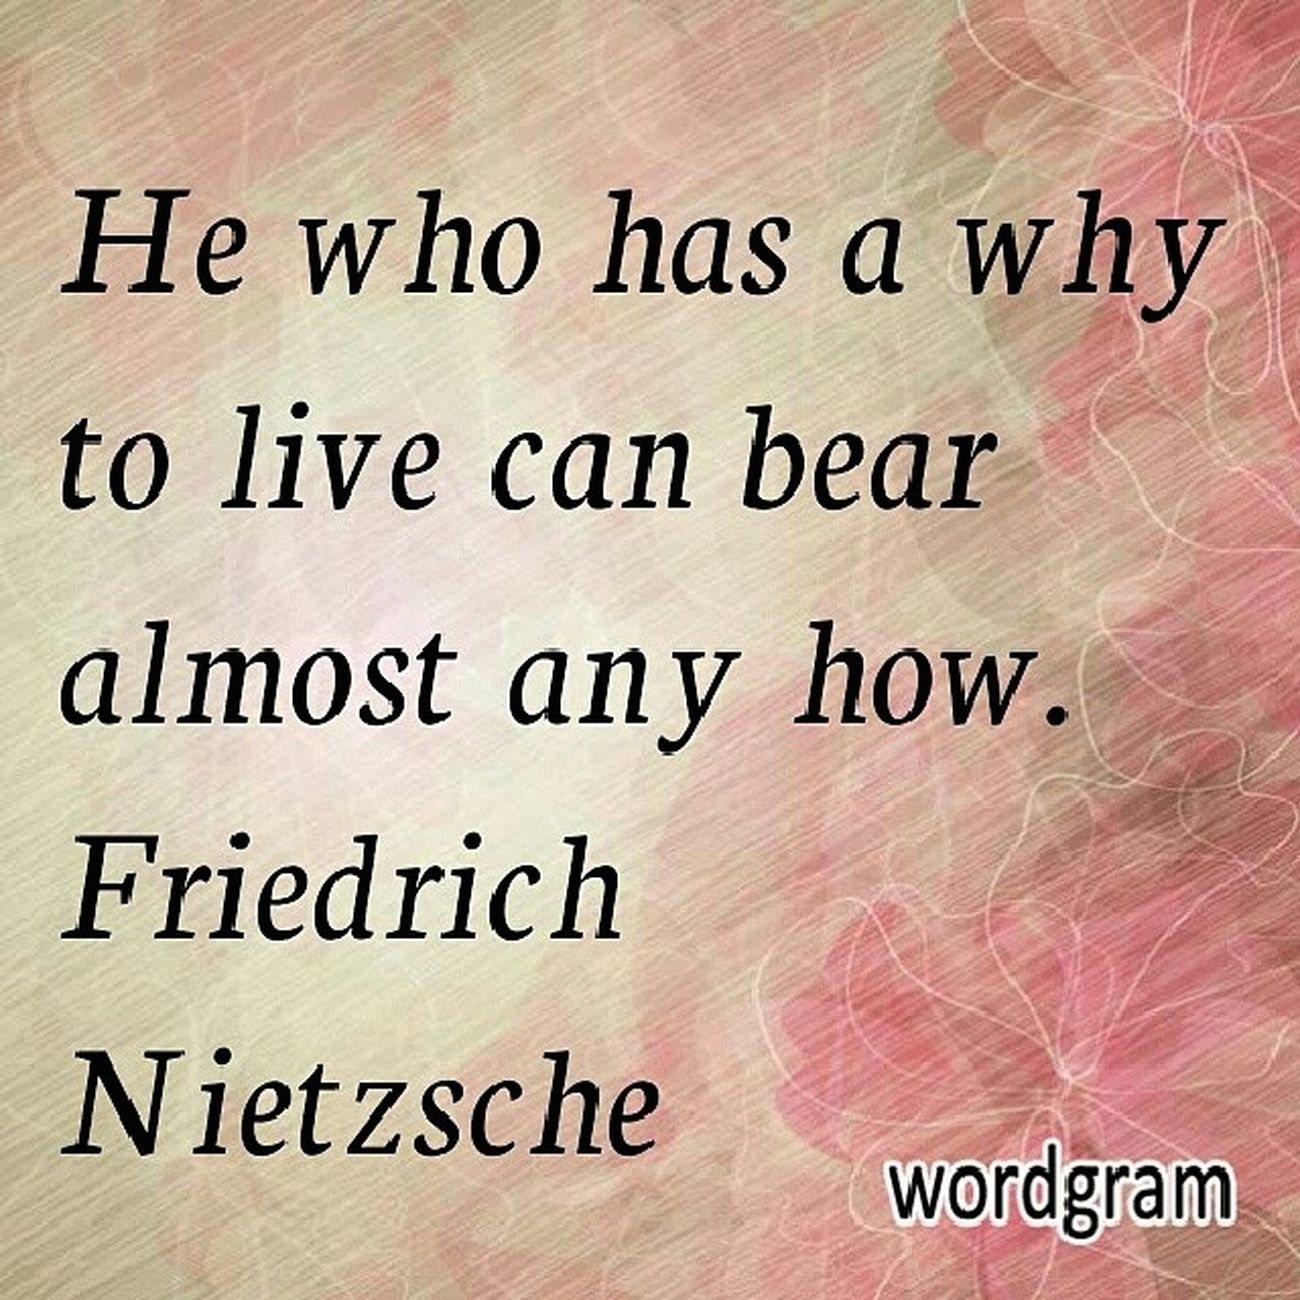 FriedrichNietzsche